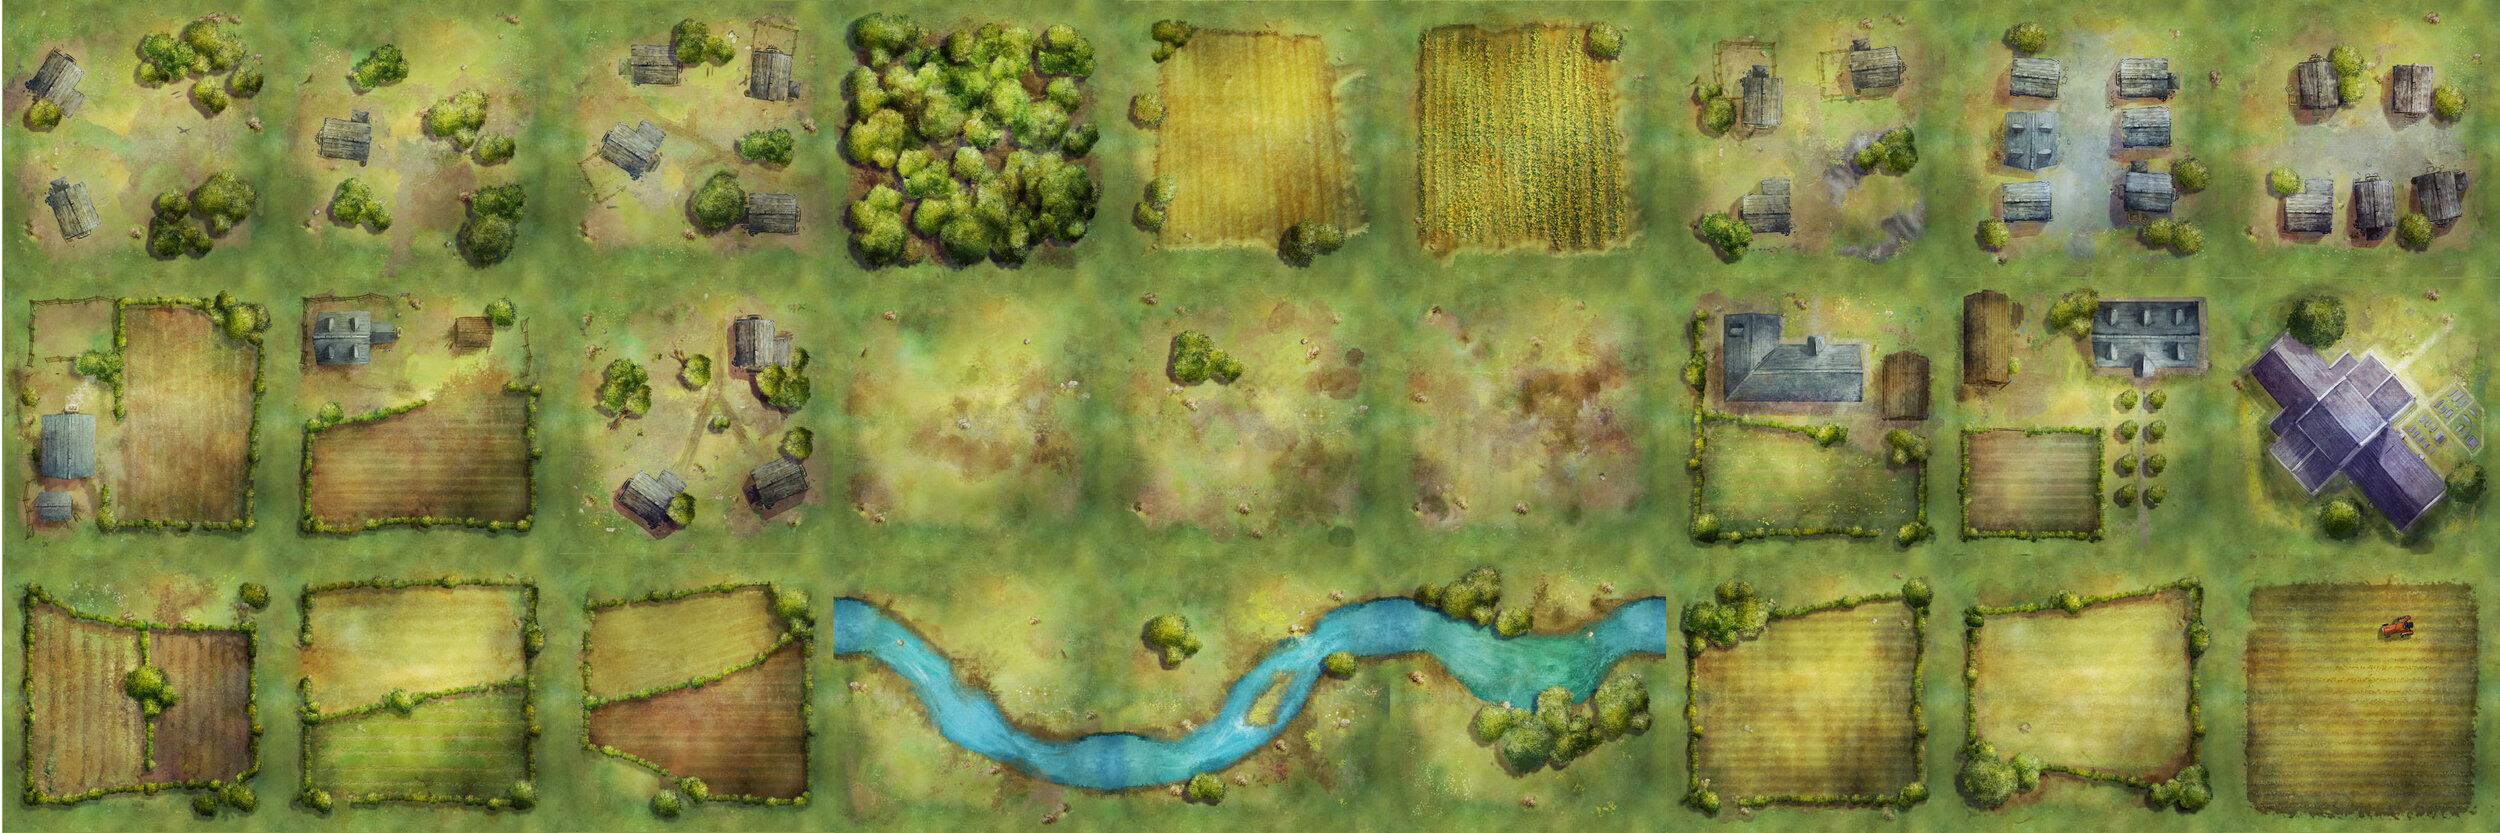 Tiles together 03.jpg